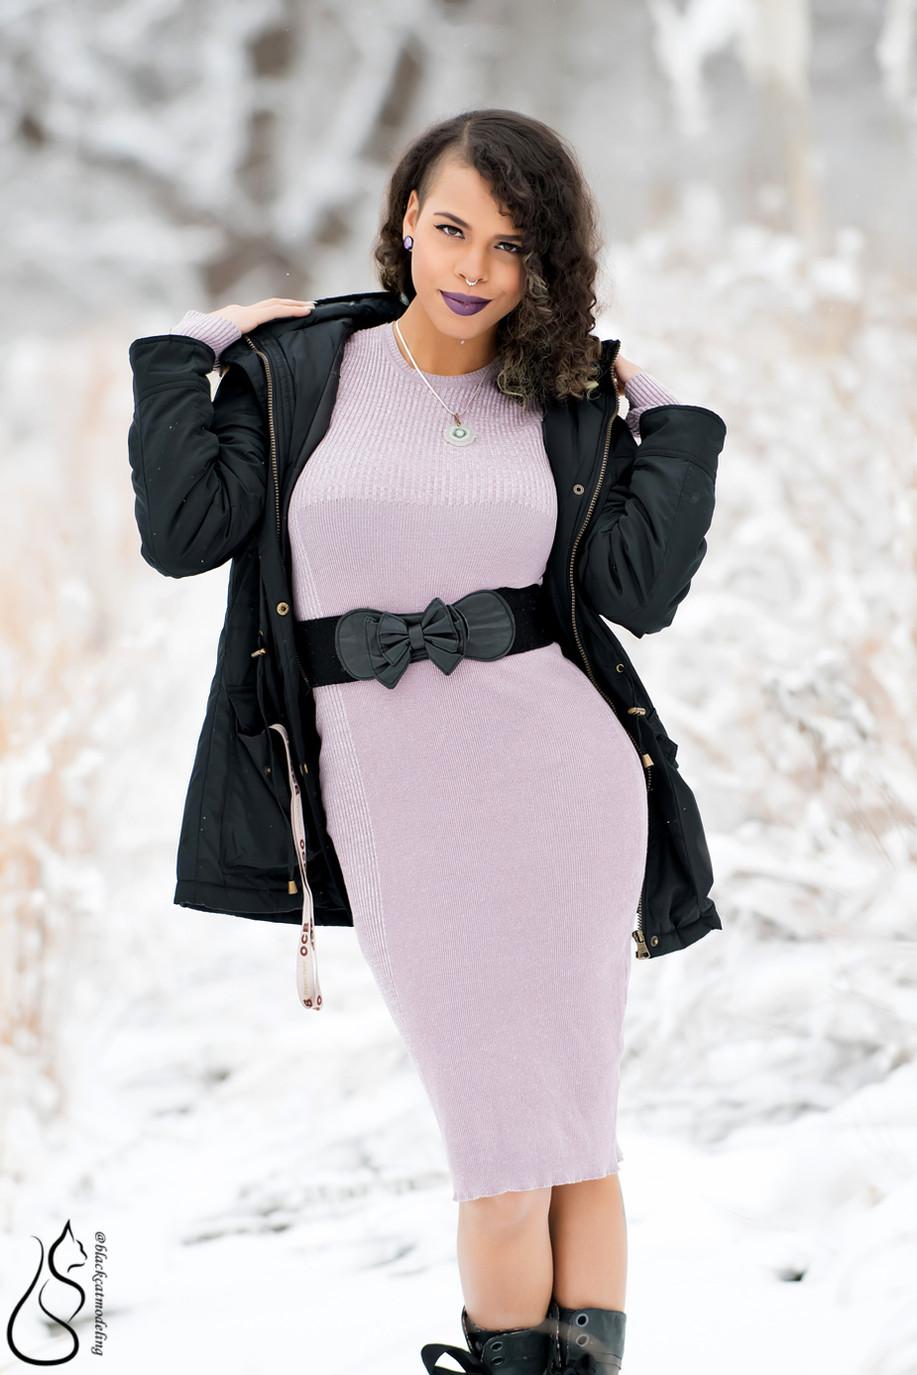 Photographer: Black Cat Modeling | MUAH/Model: Ruby Noir